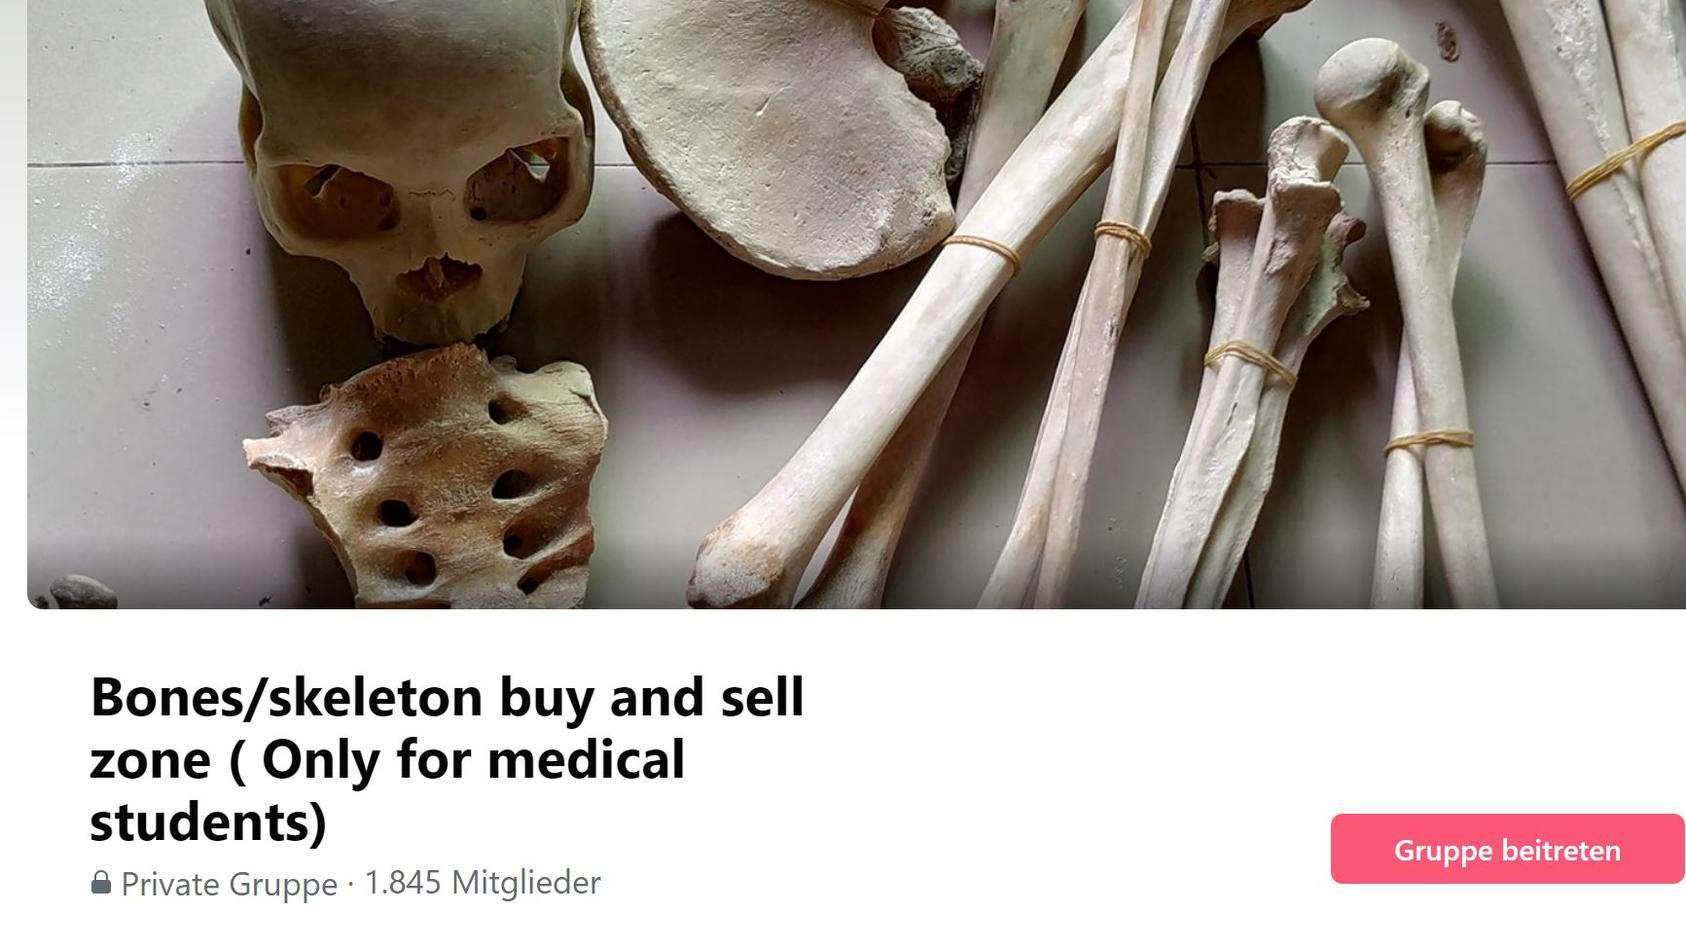 Auf Facebook gibt es Gruppen, in denen mit menschlichen Überresten gehandelt wird.